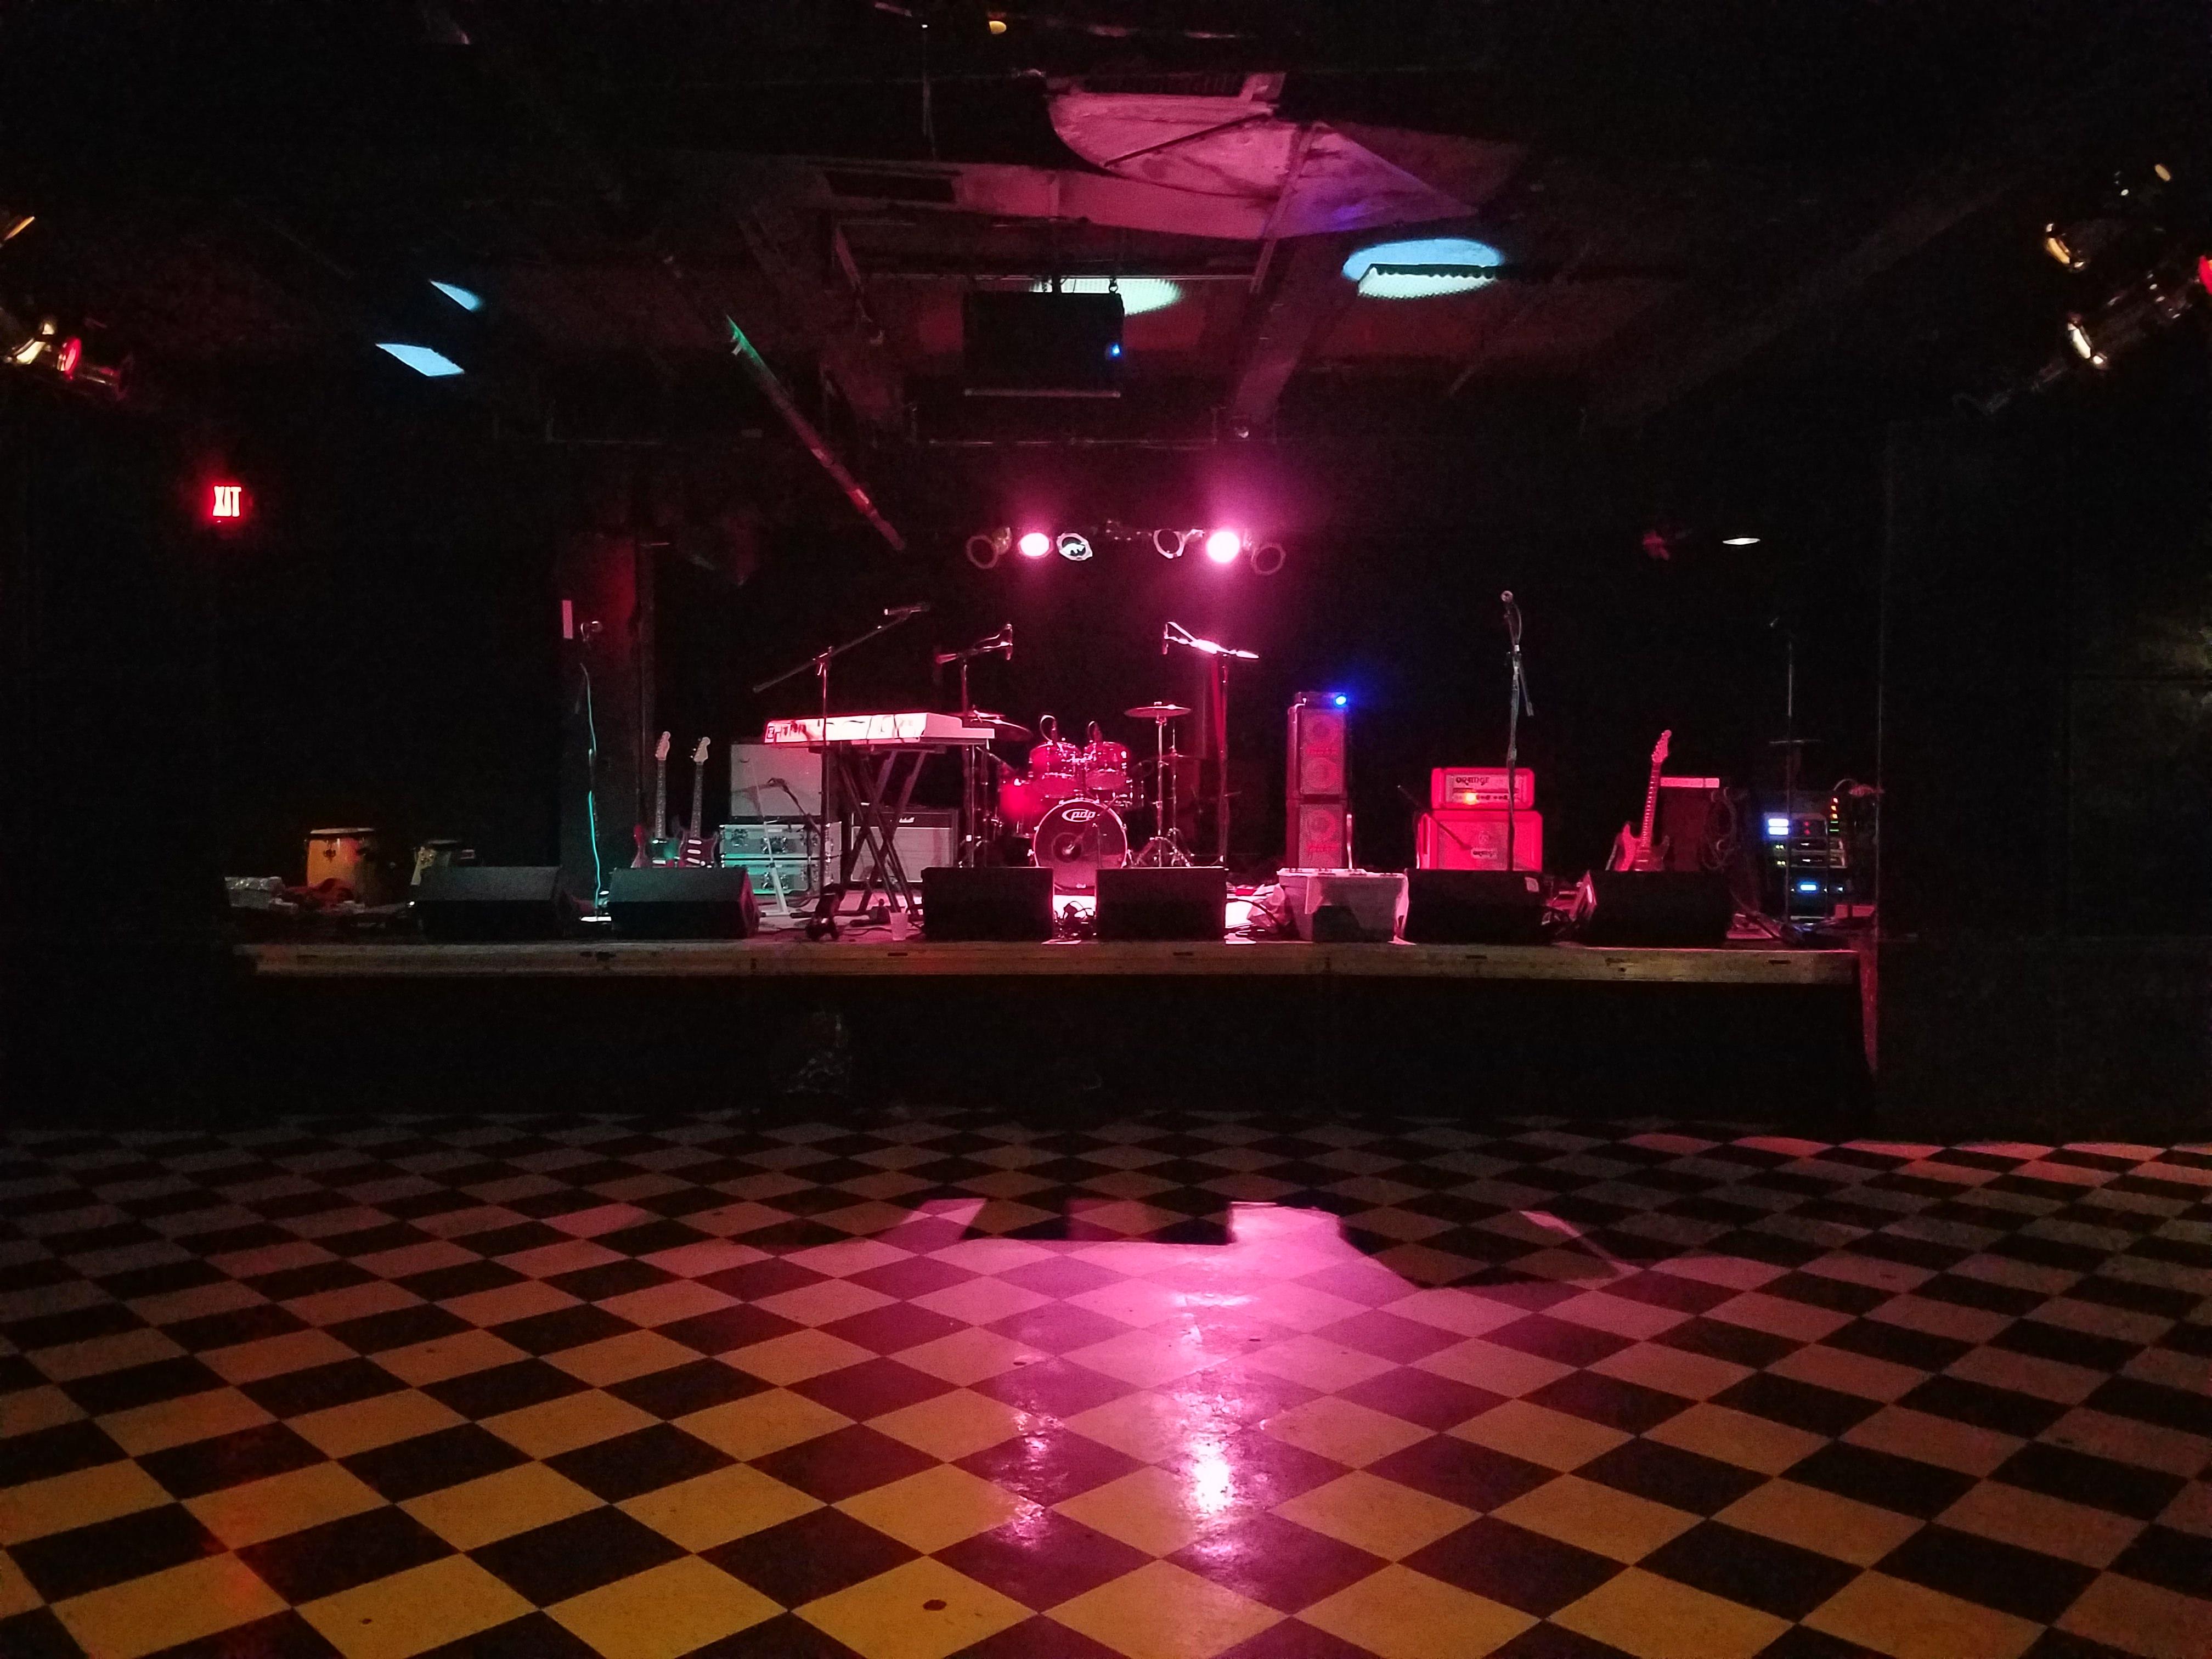 Mundy at Black Cat Washington DC, 11/09/2019, Jeffrey Vogt Photography, Concert, Concert Venue, Live Music